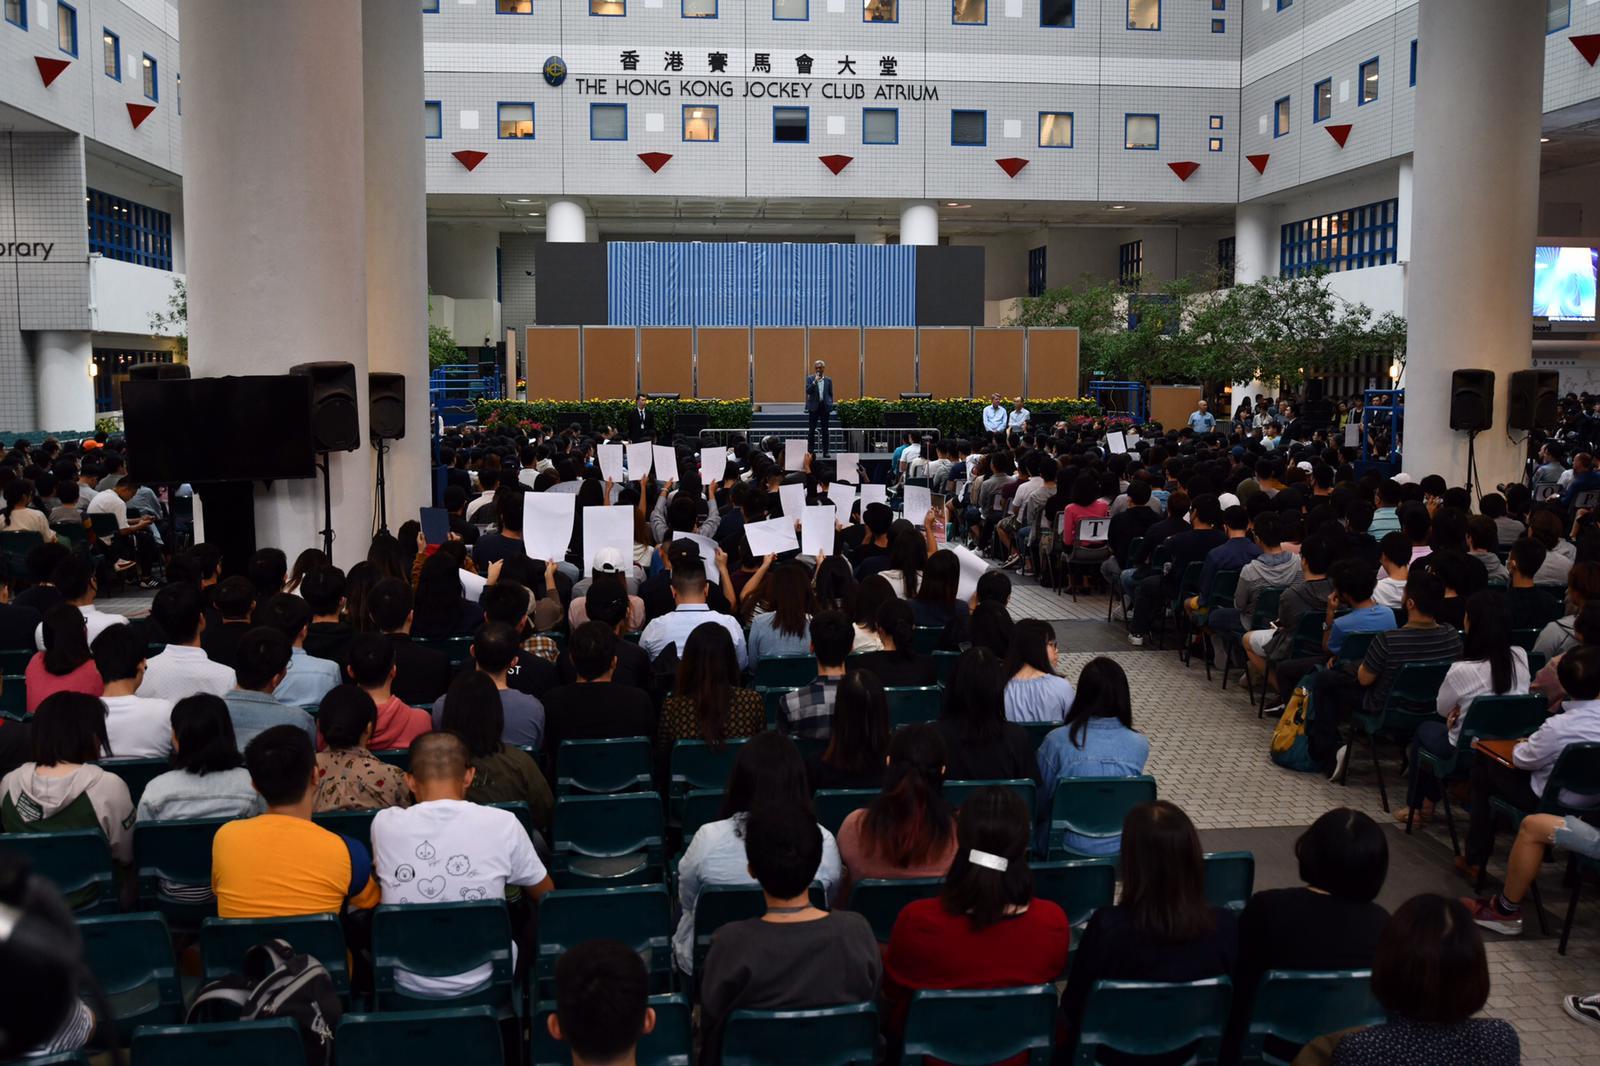 科大下午舉行公開論壇,邀請師生及員工出席,與校長史維對話。